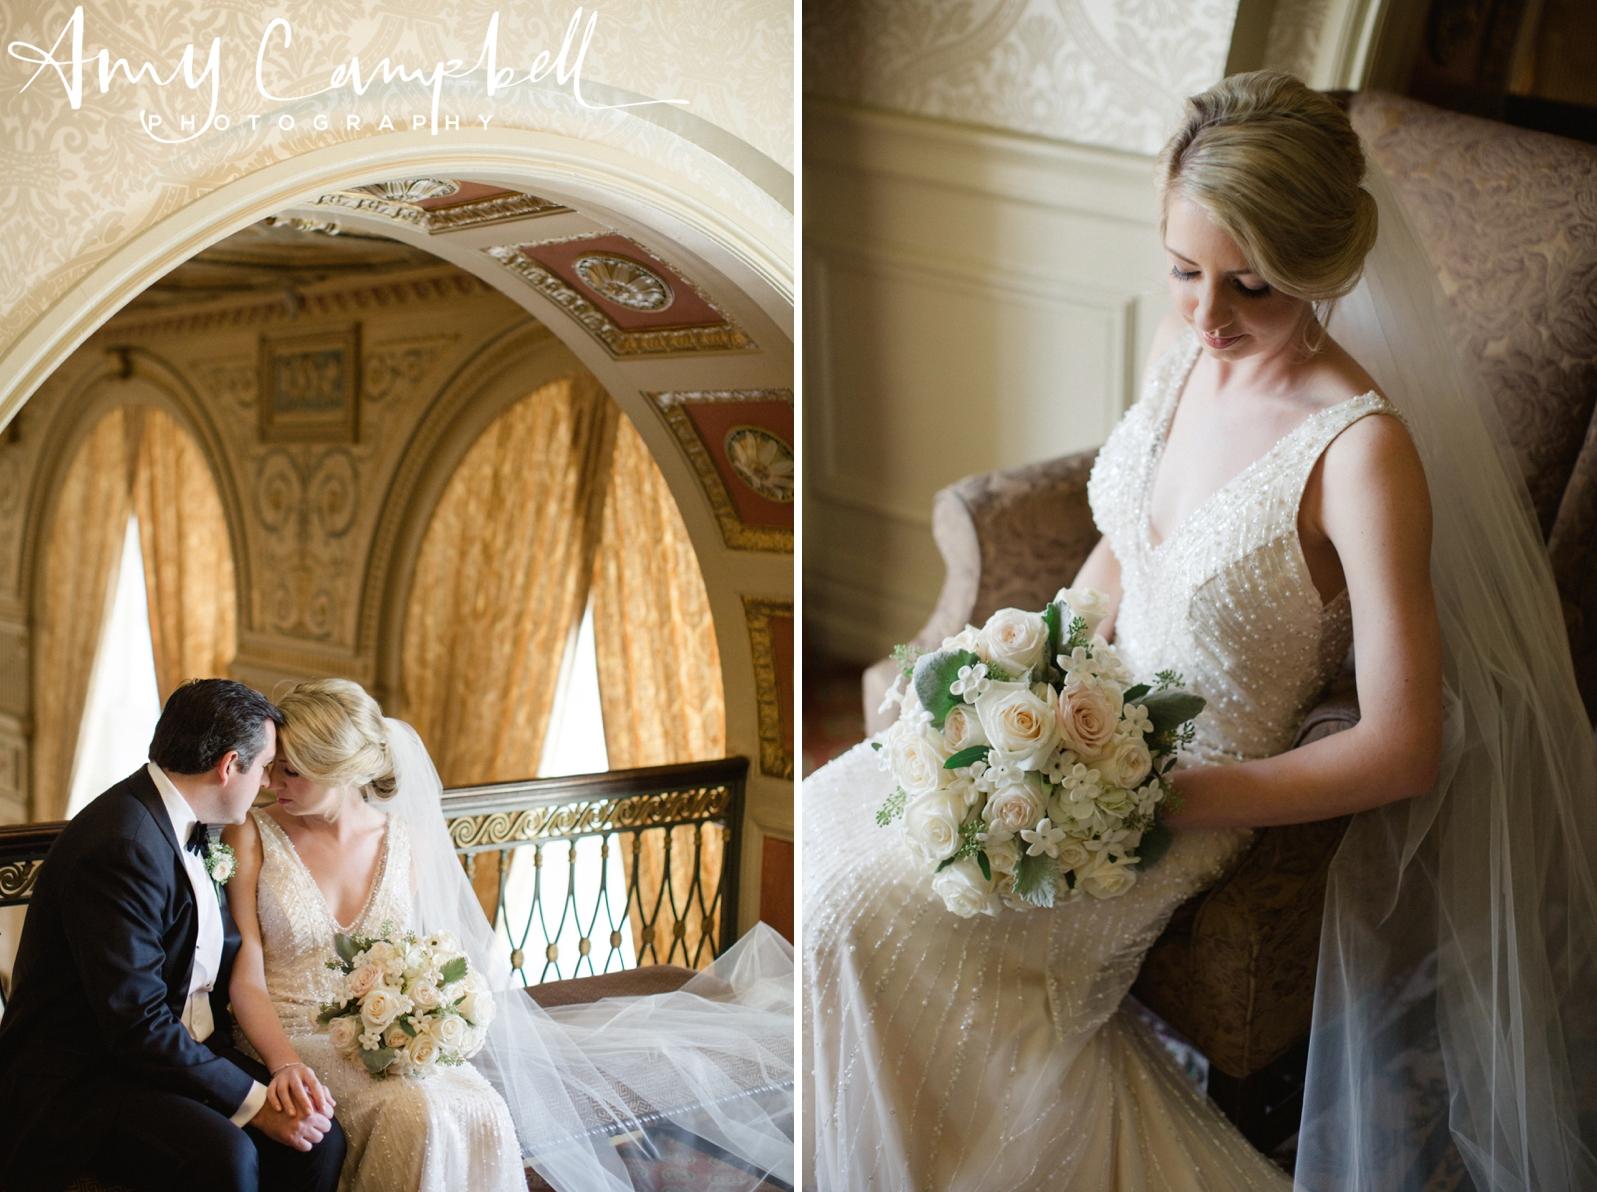 emmakyle_wedding_fb_amycampbellphotography_0020.jpg